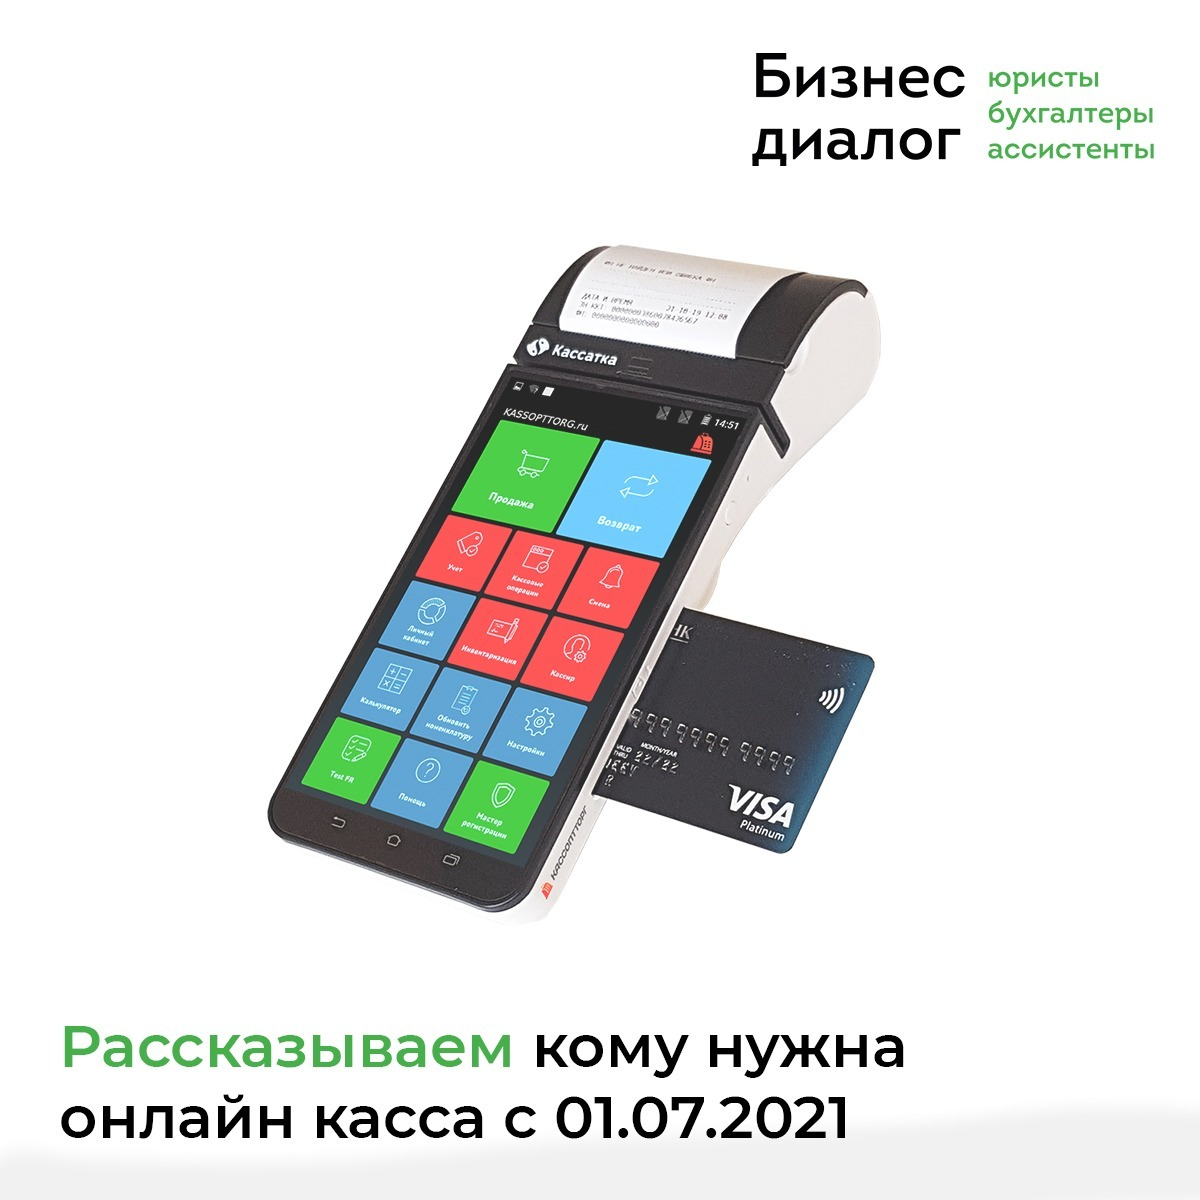 Прощай банковская тайна. Бизнес диалог. ubk-bd.ru